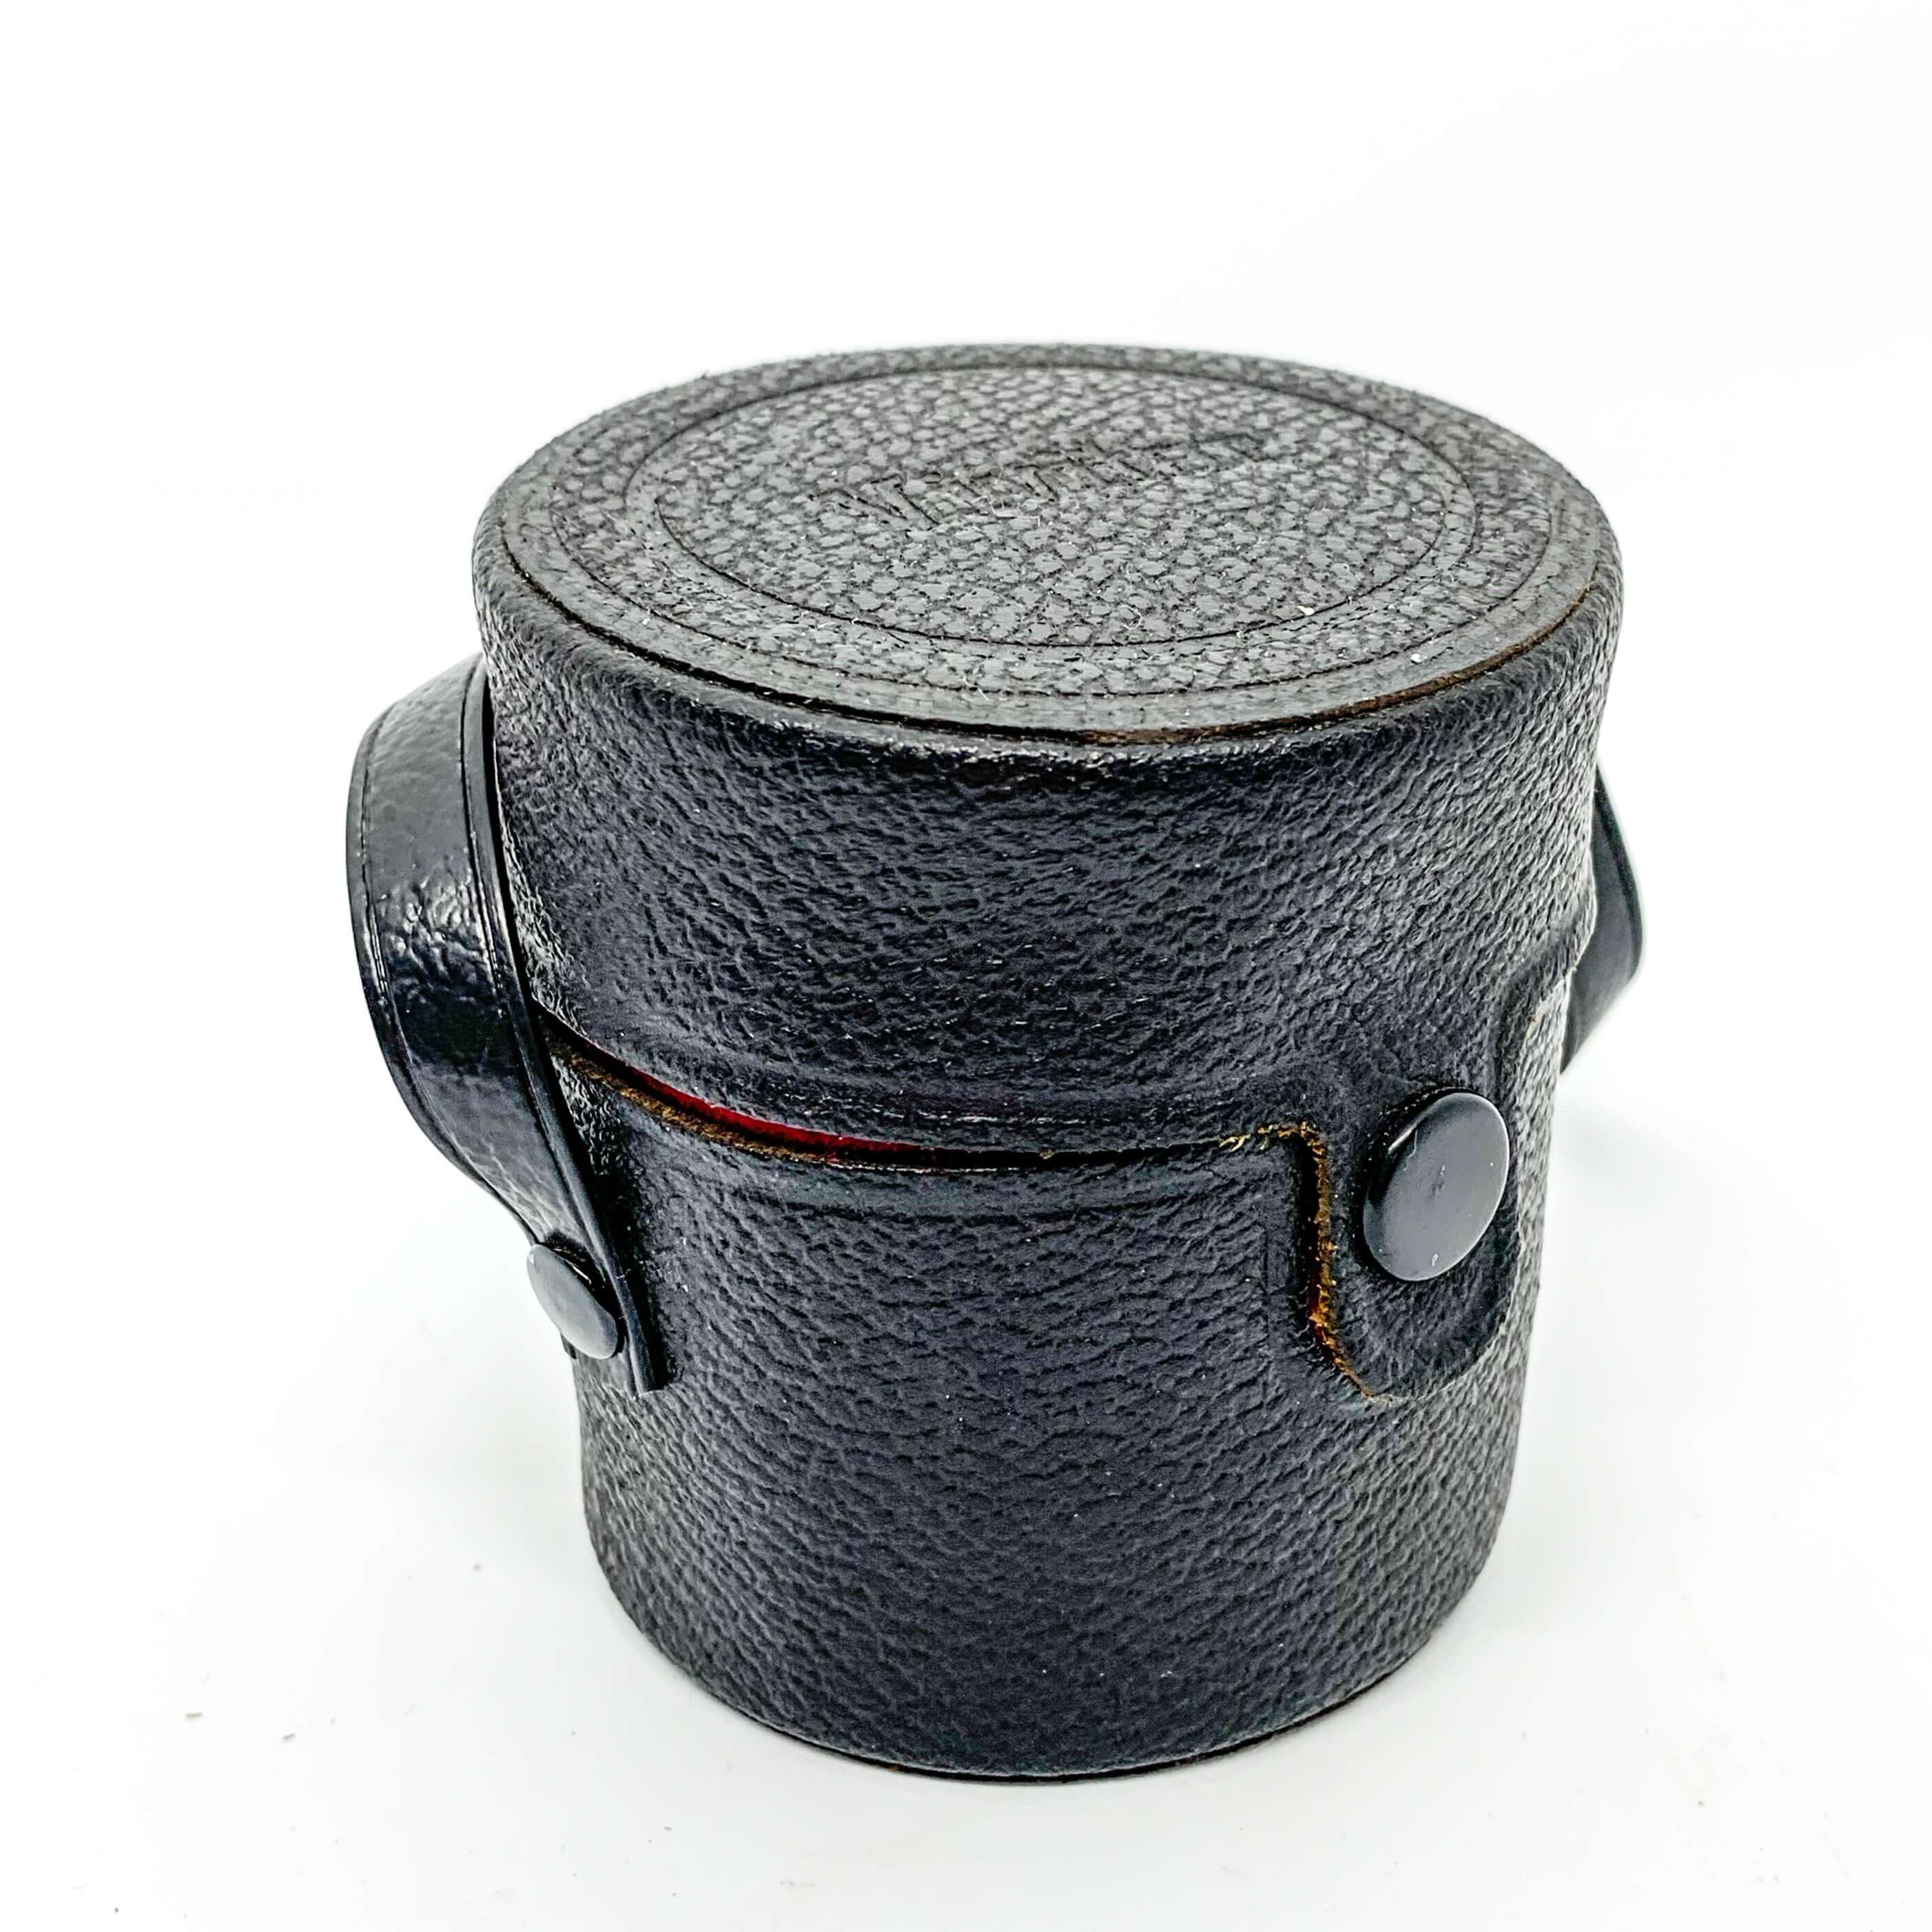 Stunning Vintage Vivitar Leather Lens Case